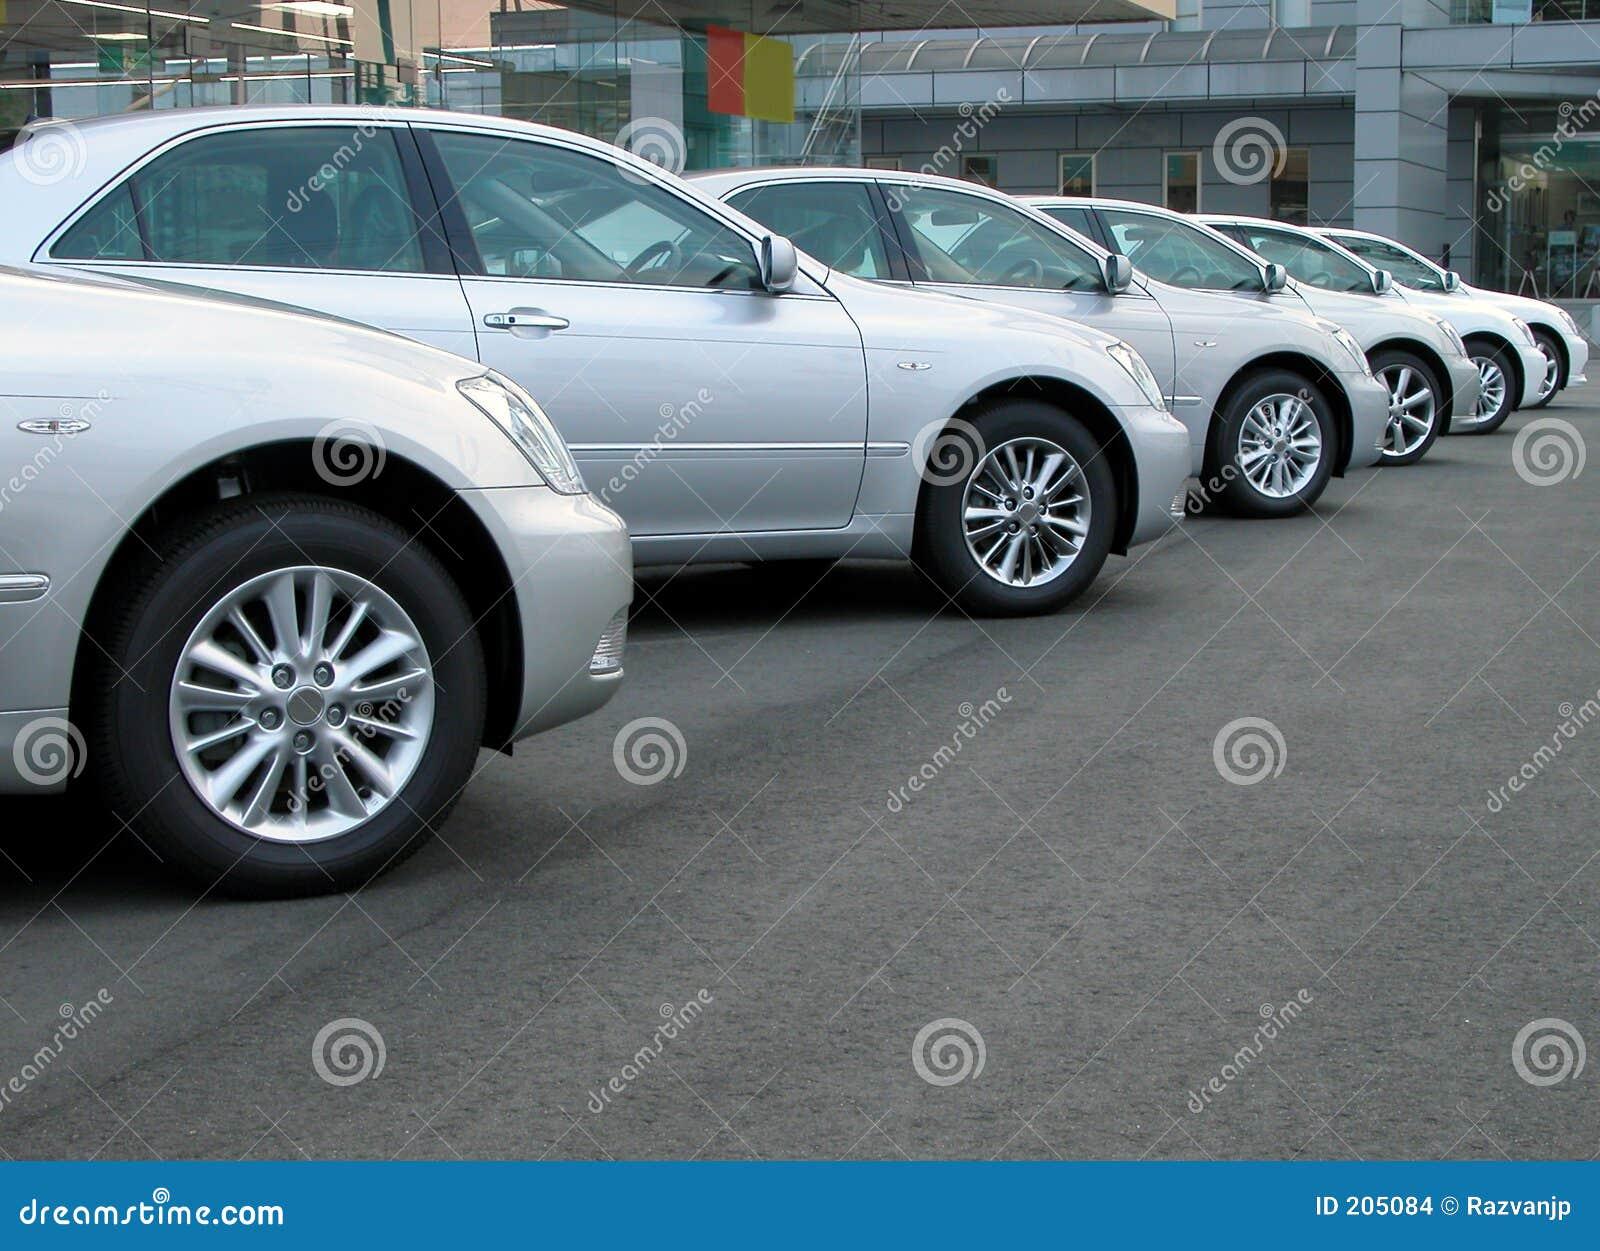 рядок автомобилей